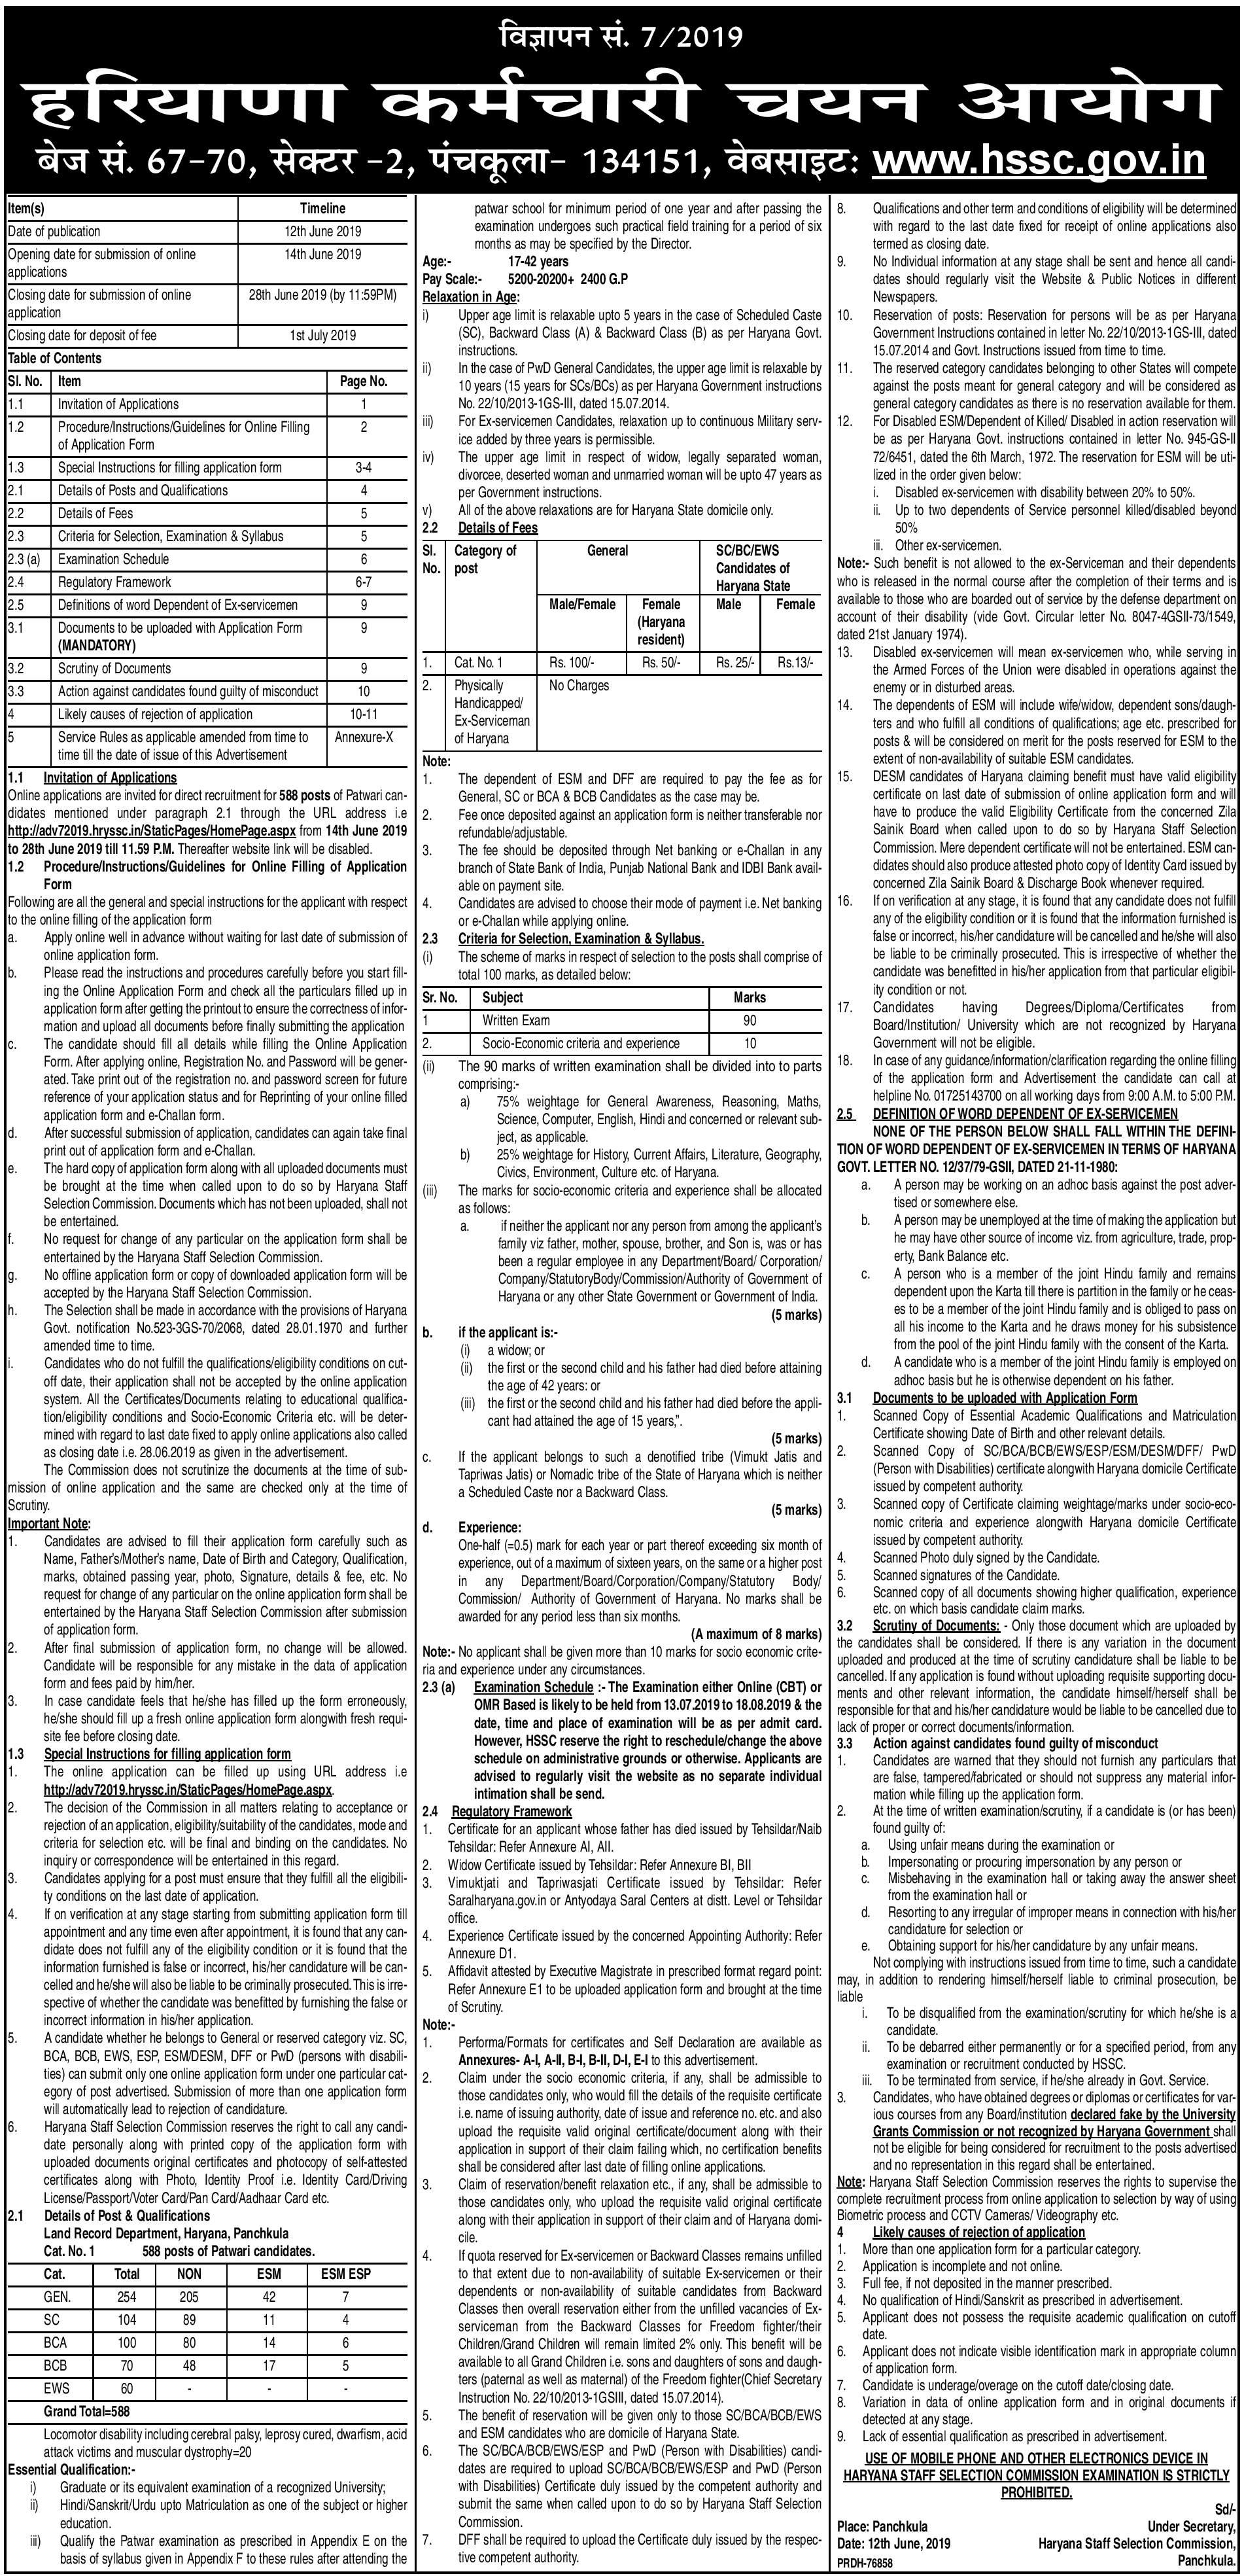 HSSC Patwari Recruitment 2019- Haryana Patwari 588 Vacancies HSSC Advt. 7 2019 Patwari Recruitment in Haryana 2019